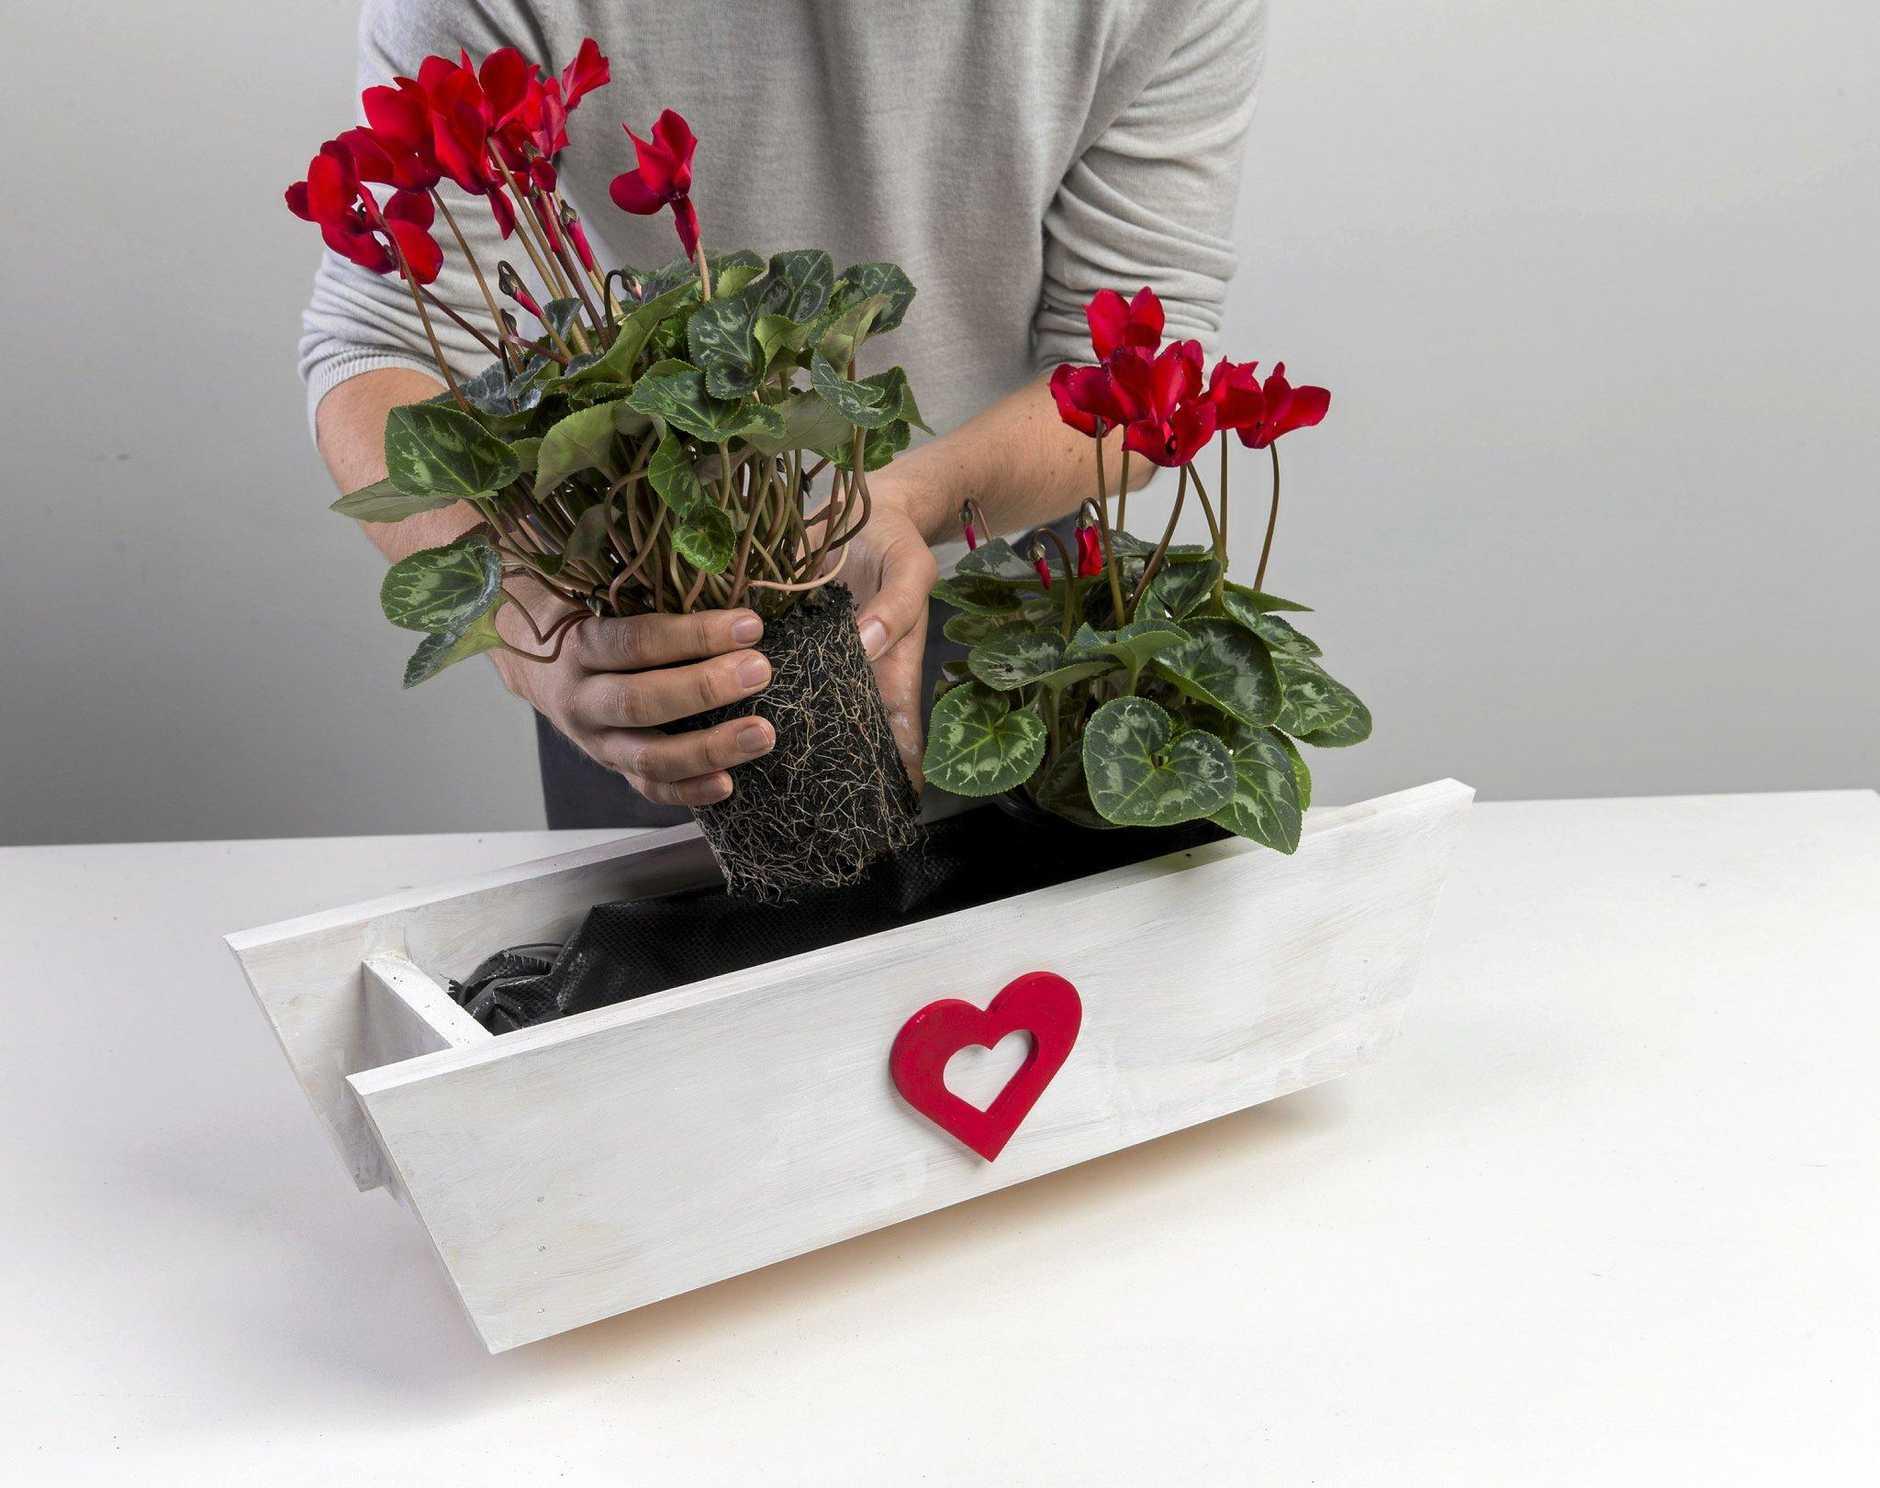 How to build a planter box.